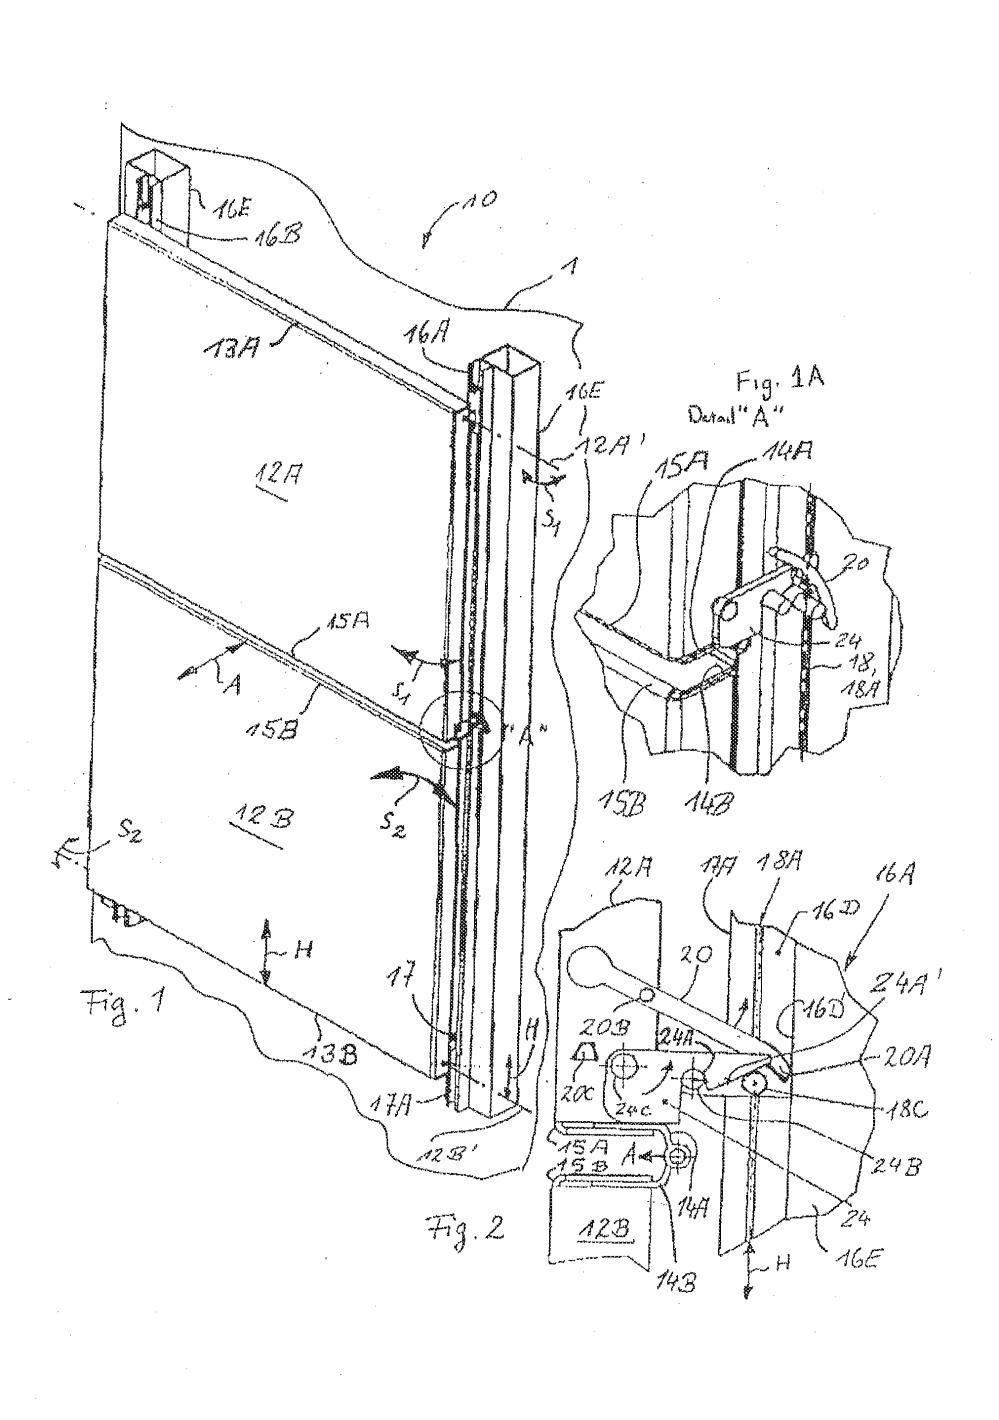 medium resolution of onan genset wiring diagram wiring diagrams wiring diagram onan genset car